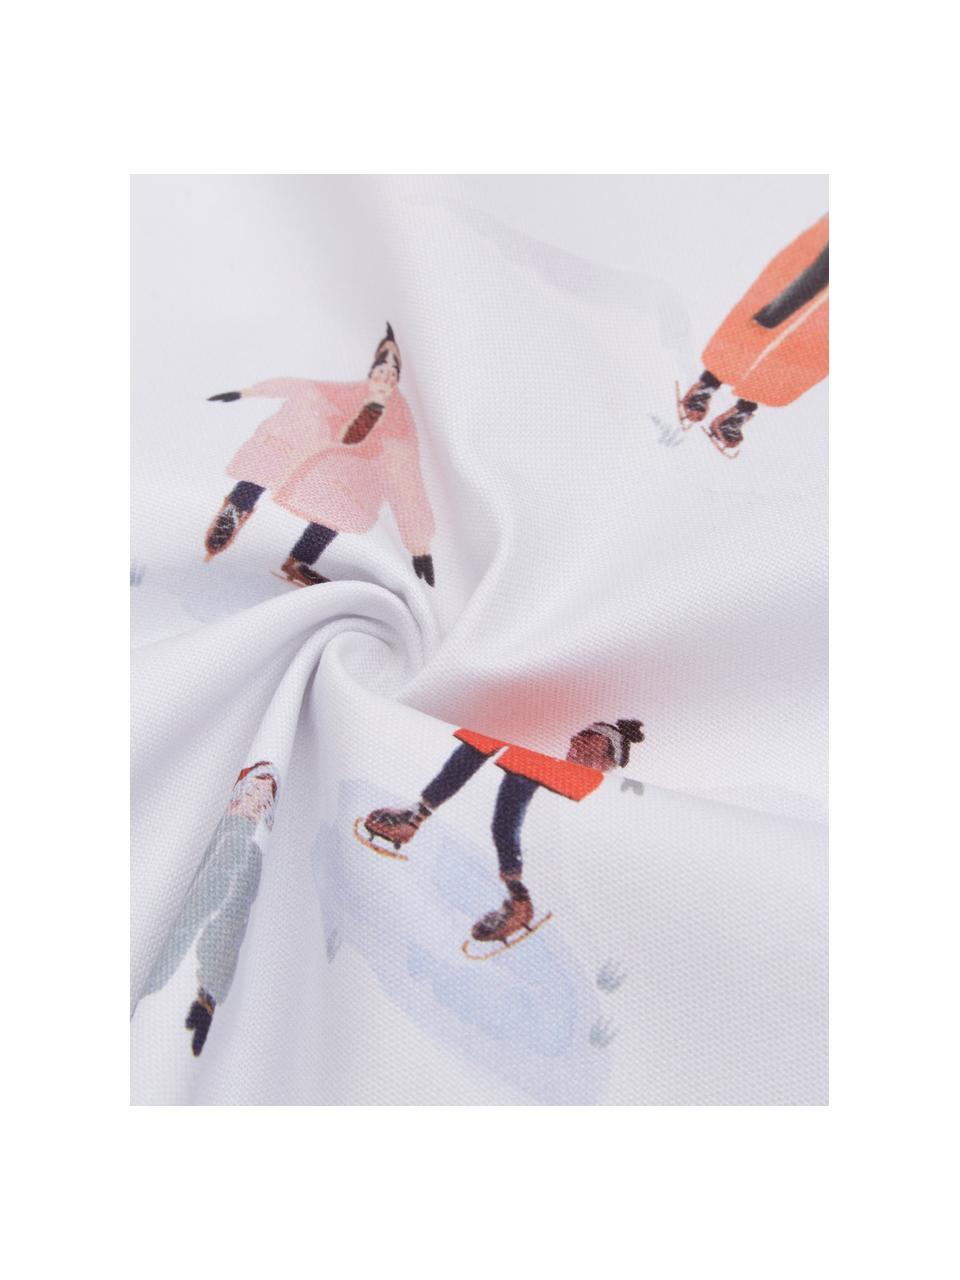 Designer Kissenhülle Ice Skater von Candice Gray, 100% Baumwolle, GOTS zertifiziert, Mehrfarbig, 45 x 45 cm